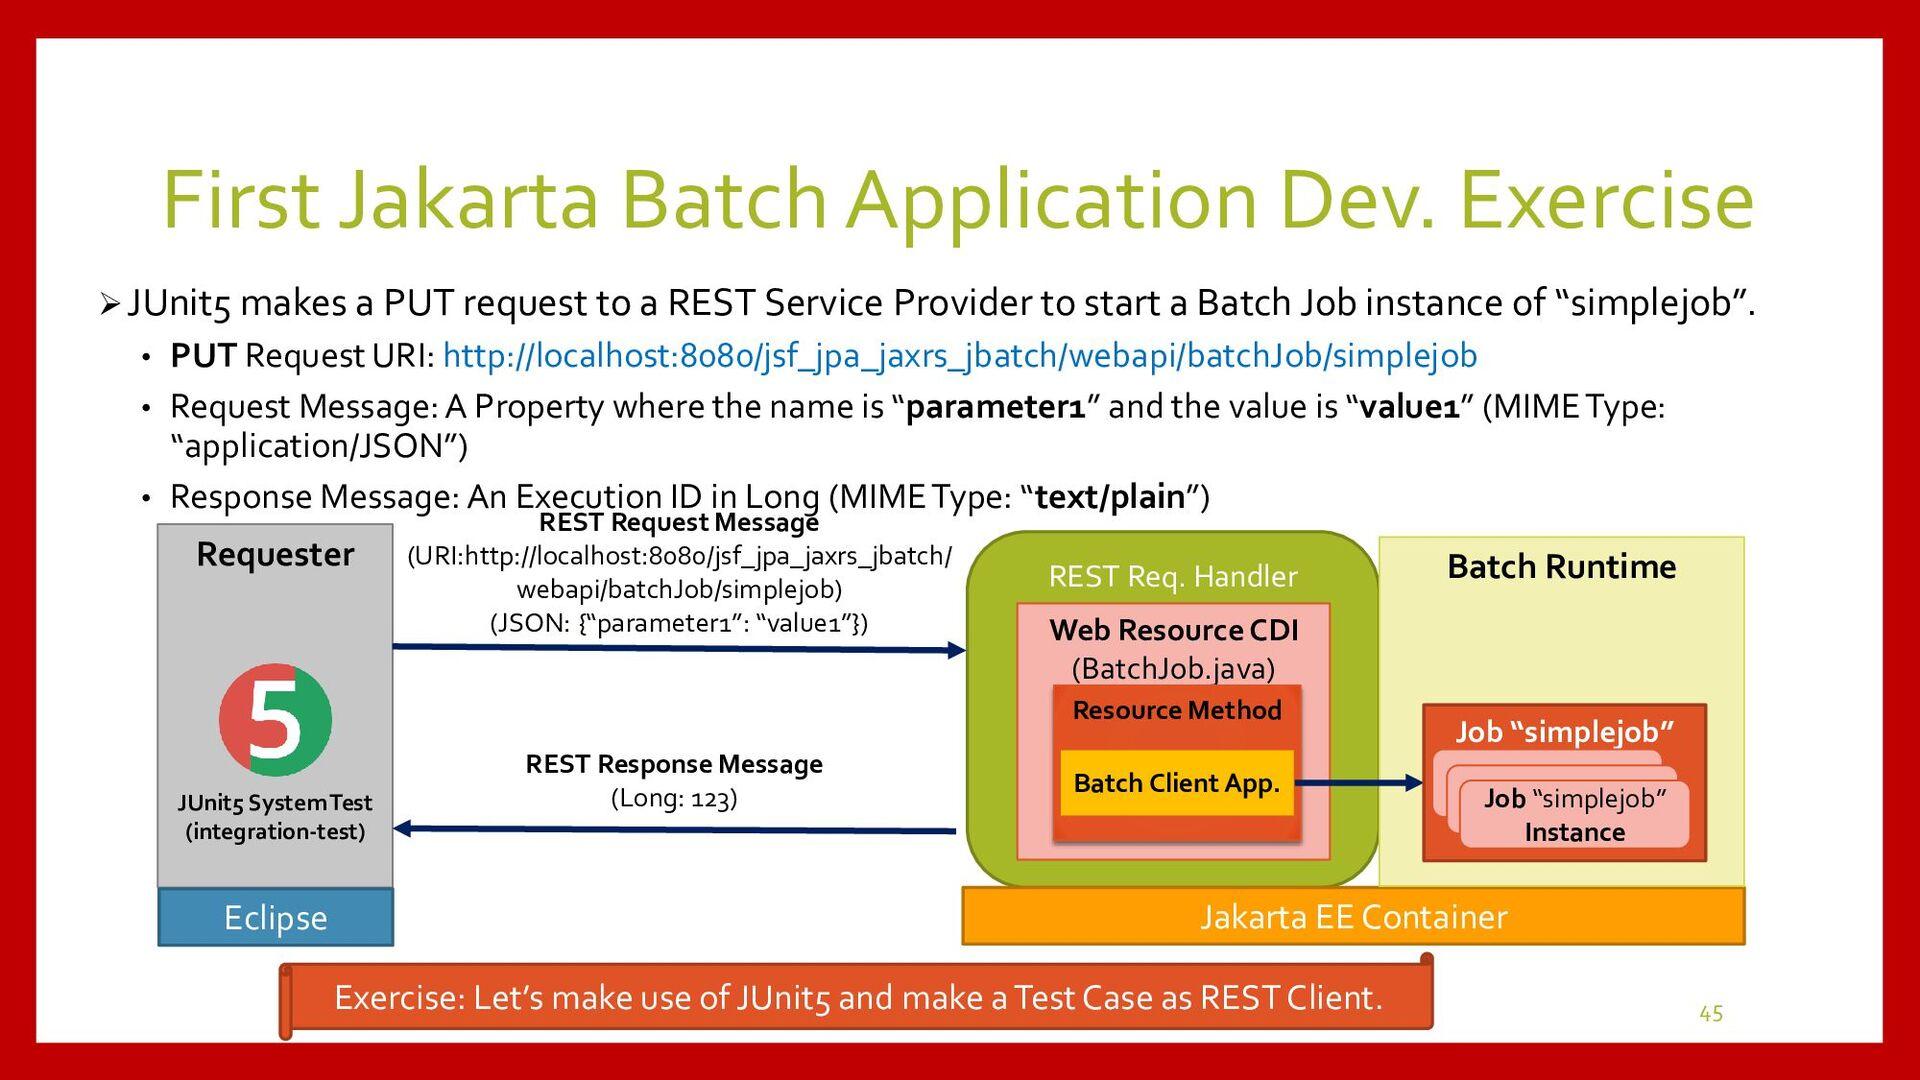 First Jakarta Batch Application Development • T...